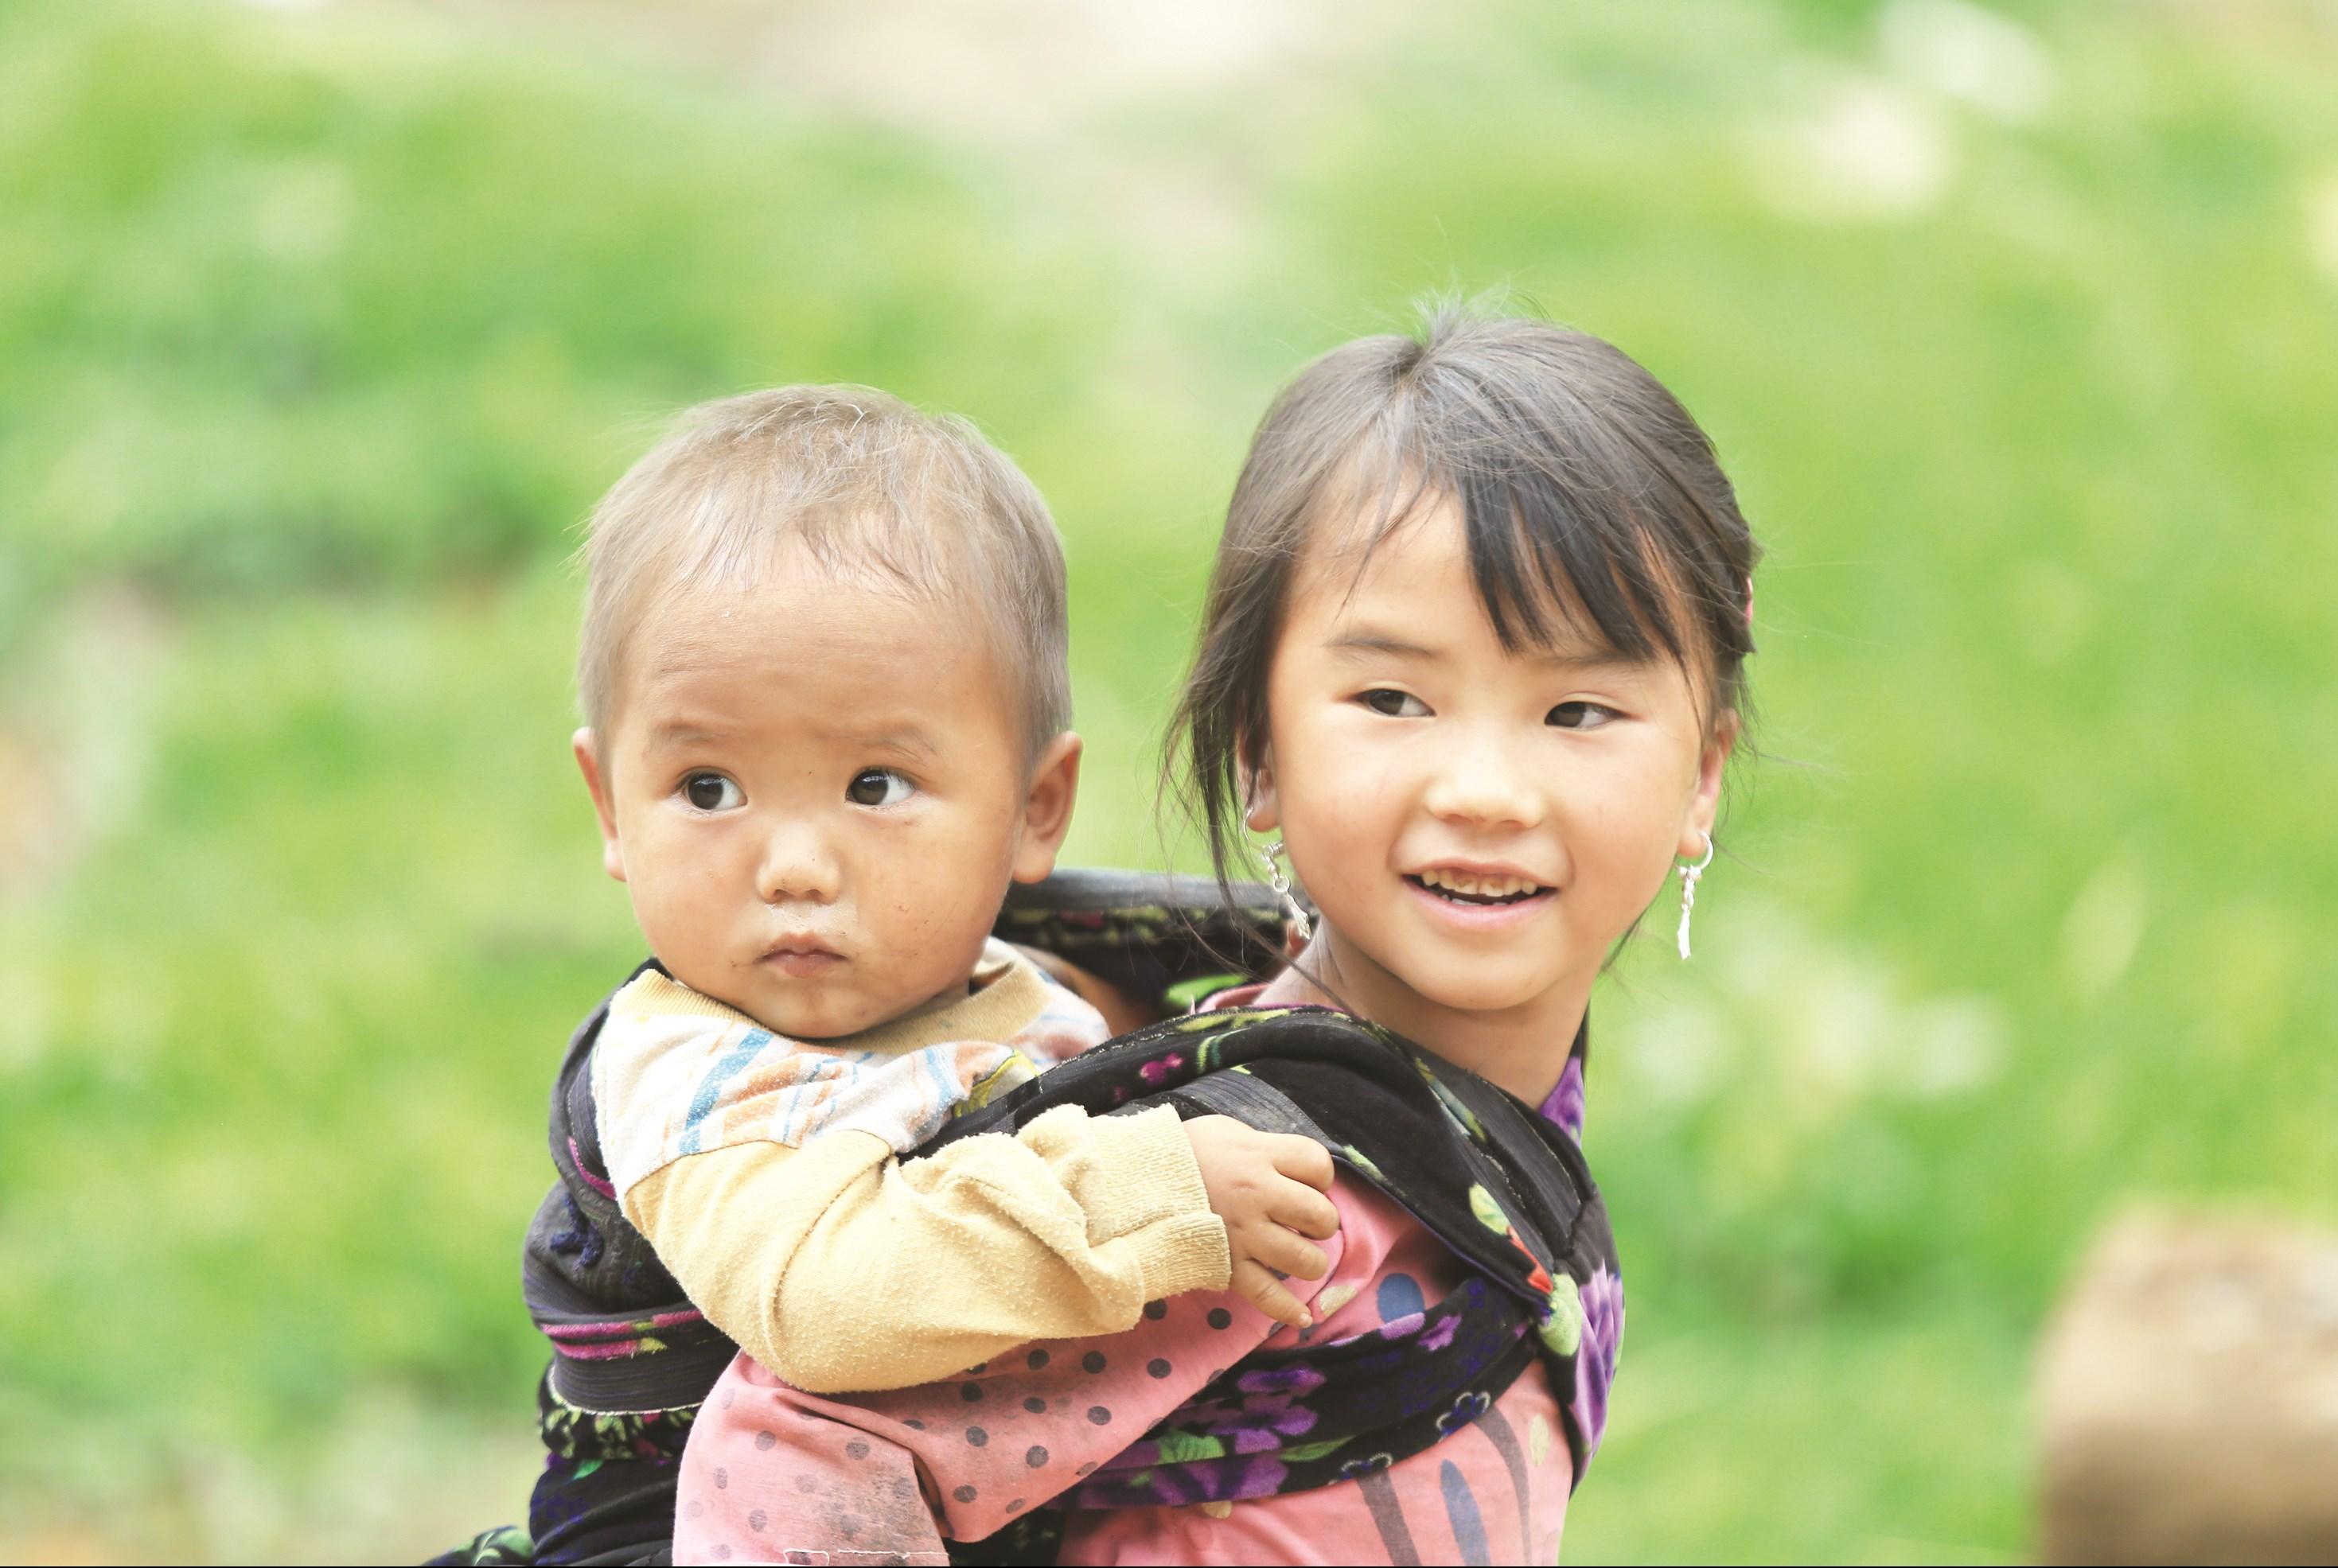 Giai đoạn 2017 - 2020, chỉ số SDD trẻ em dưới 5 tuổi tại Điện Biên đã giảm từ 2 - 4%